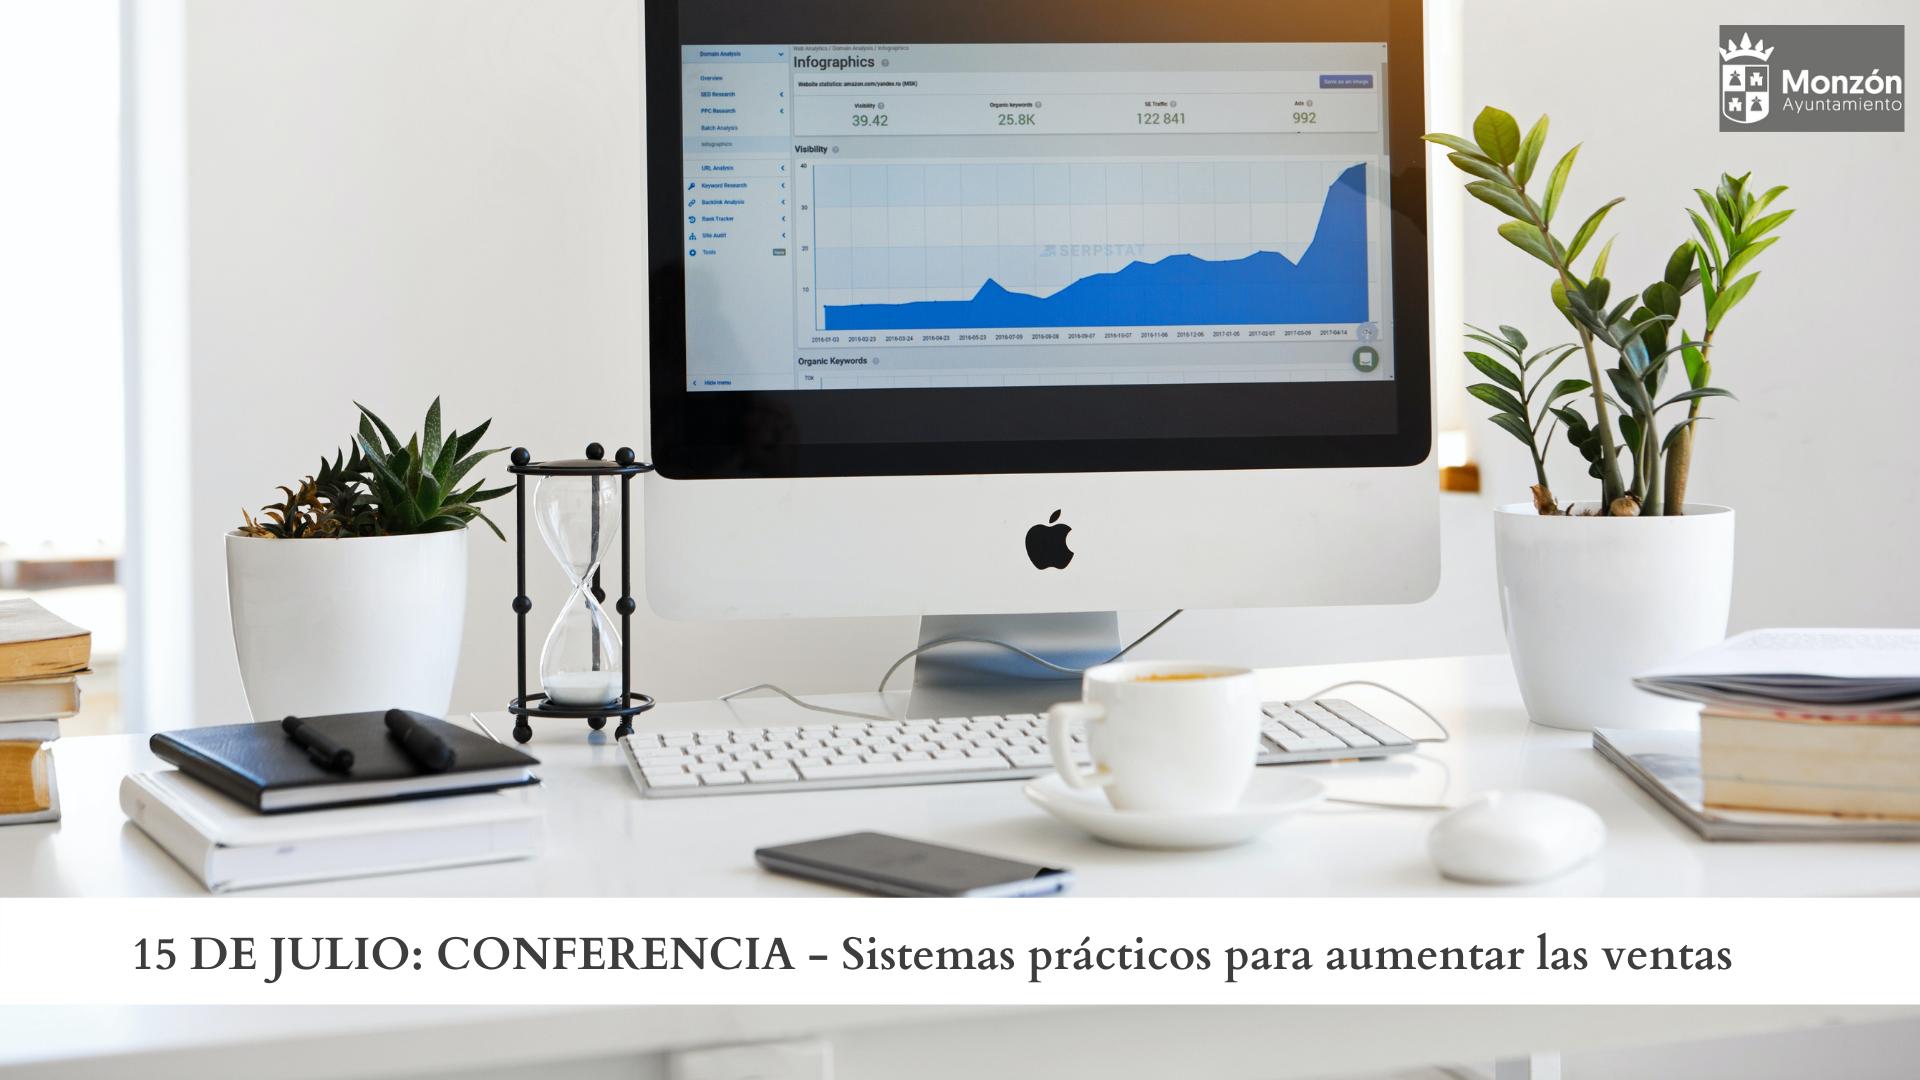 15 de Julio CONFERENCIASistemas prácticos para aumentar las ventas-